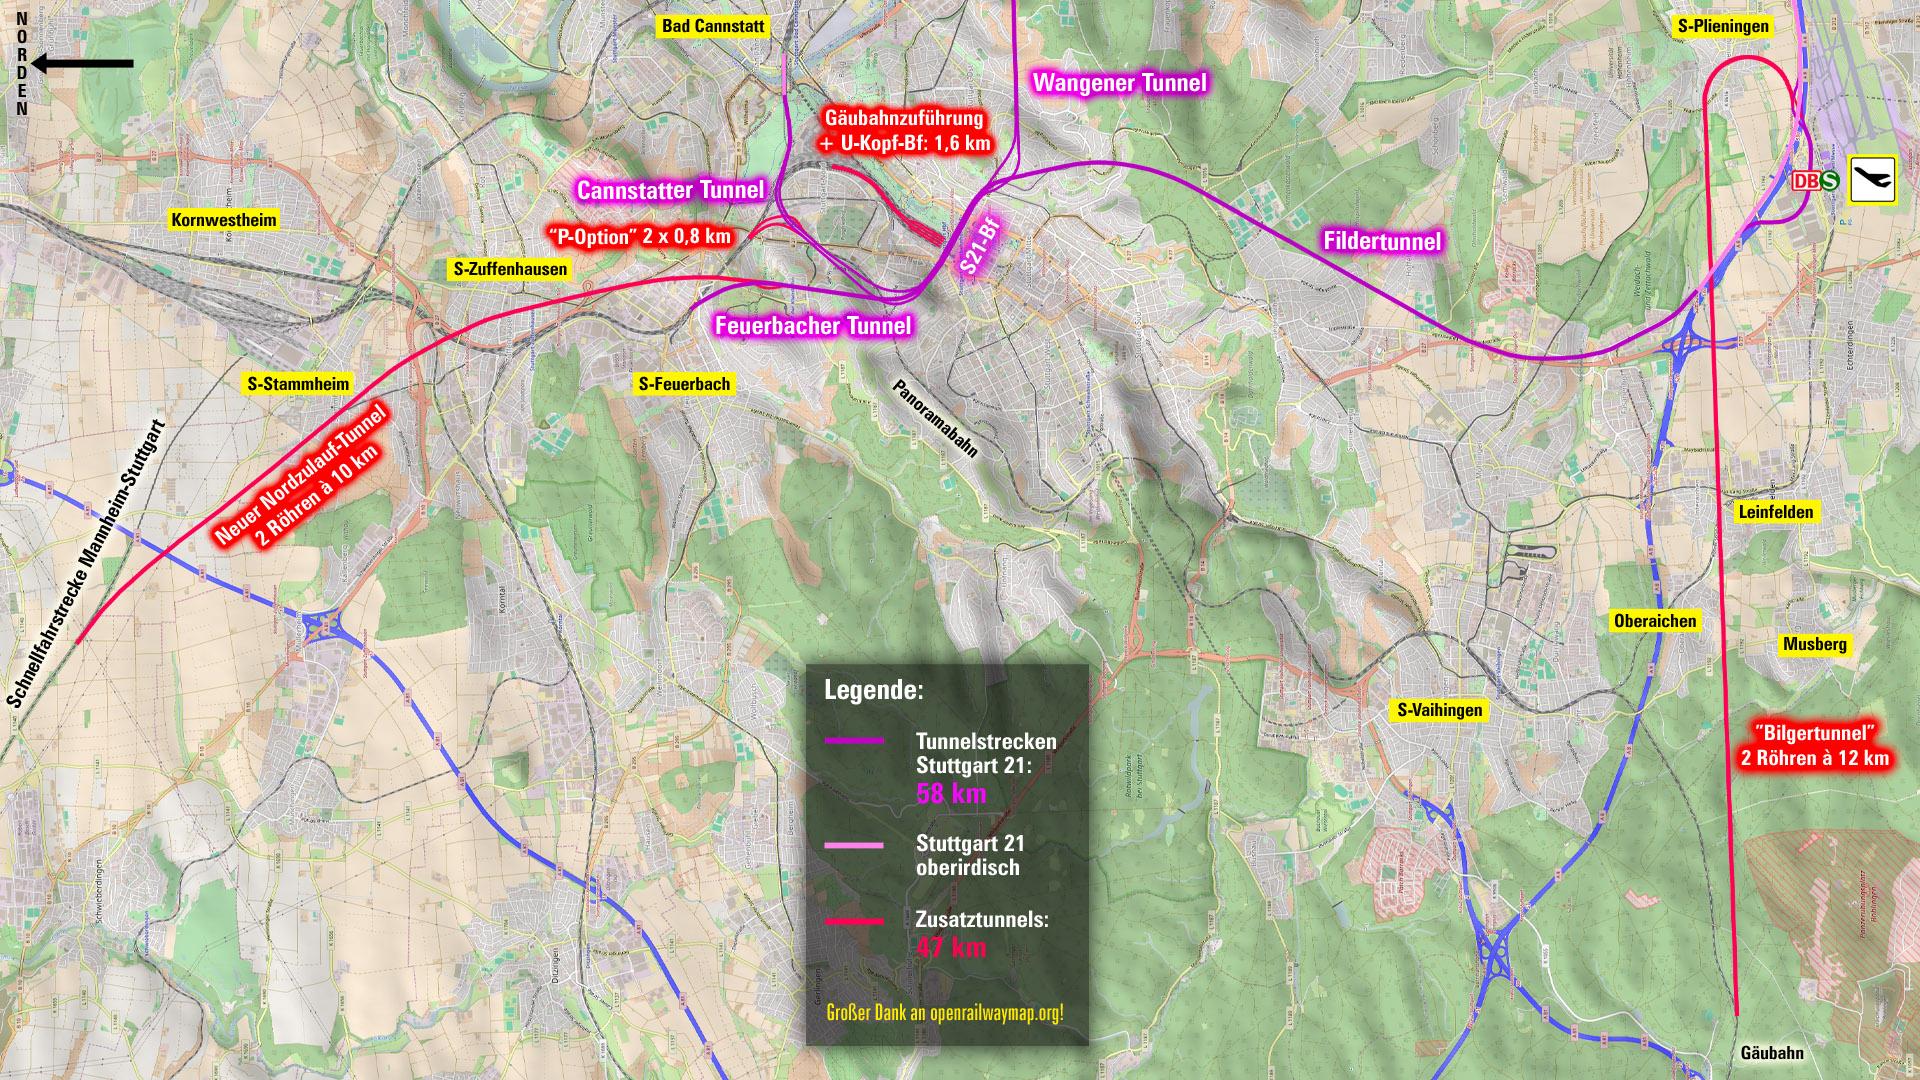 https://www.parkschuetzer.de/assets/statements_neu/000/209/898/original/Erg%C3%A4nzungstunnels_Langes_Feld_bis_B%C3%B6blingen_90_Grad_gedreht_-_KG_auf_Openrailwaymap_1920.jpg?1614033230